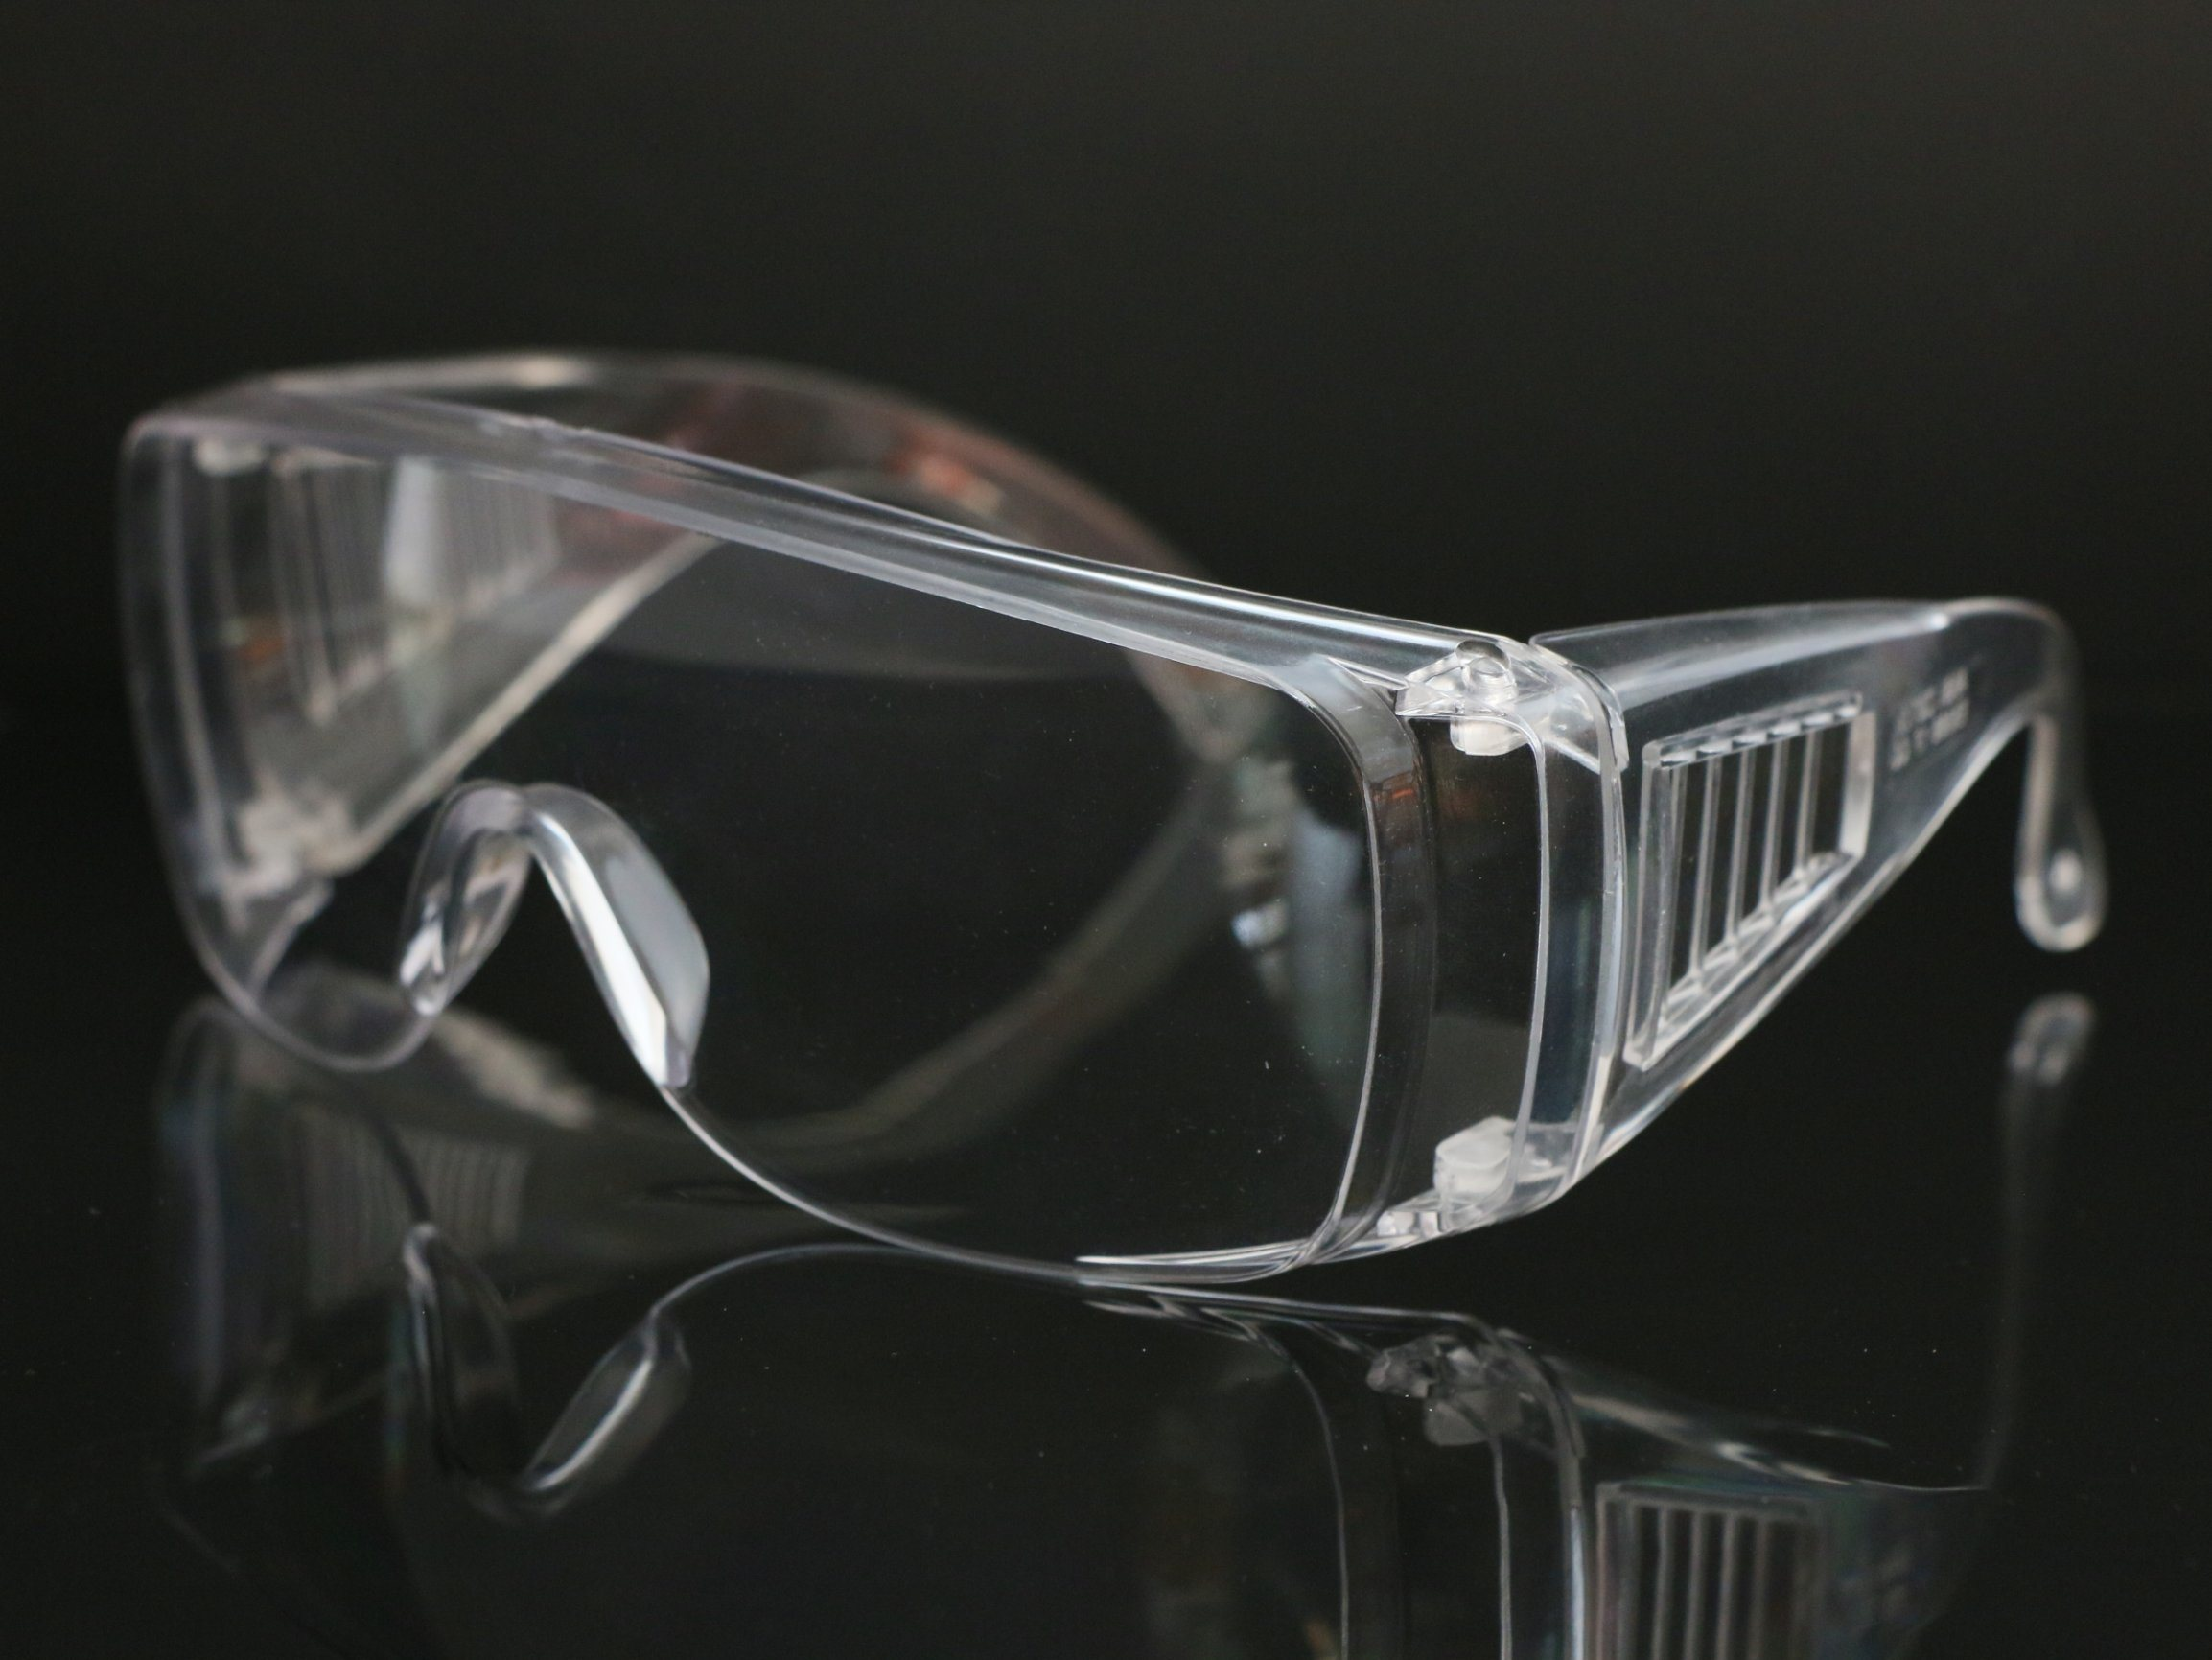 نظارات واقية واقية واقية من البولي كربونات الواقية الواقية الواقية الواقية الواقية الواقية الواقية من الصدمات مع عدسة مقاومة للصدمات للخارجية